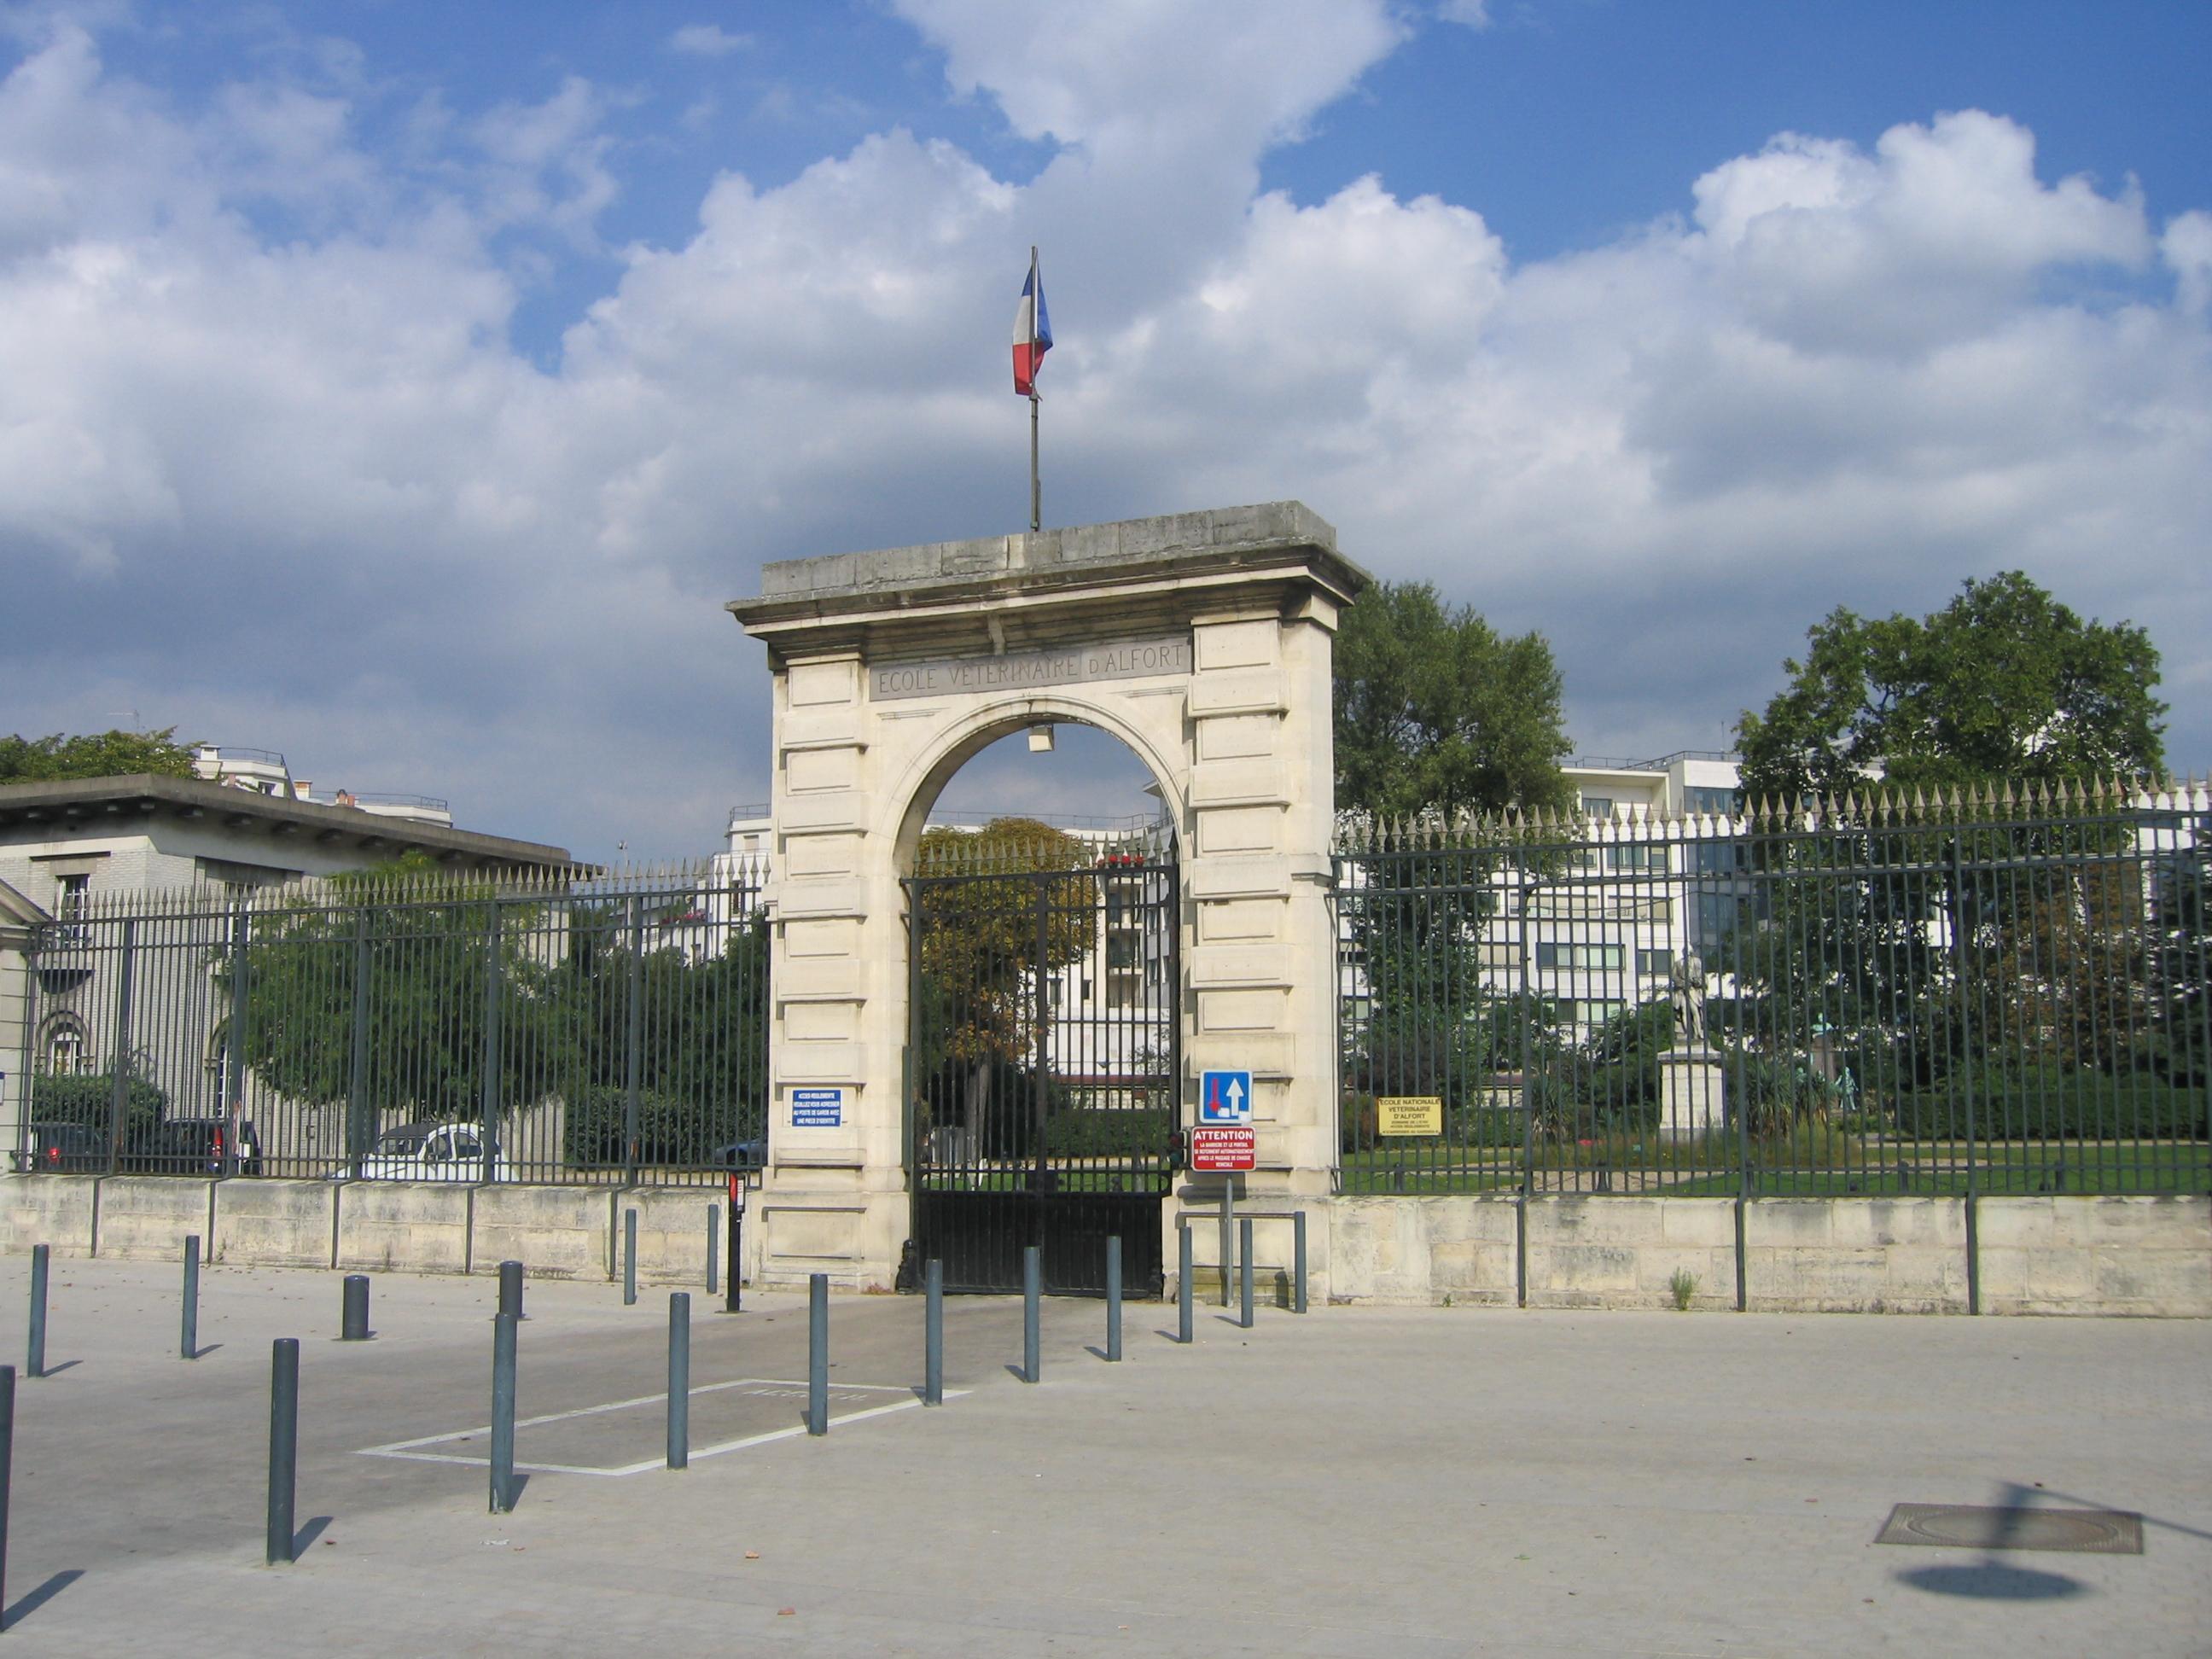 Maisons-Alfort France  City pictures : ... Entrée école vétérinaire Maisons Alfort France — Wikipédia